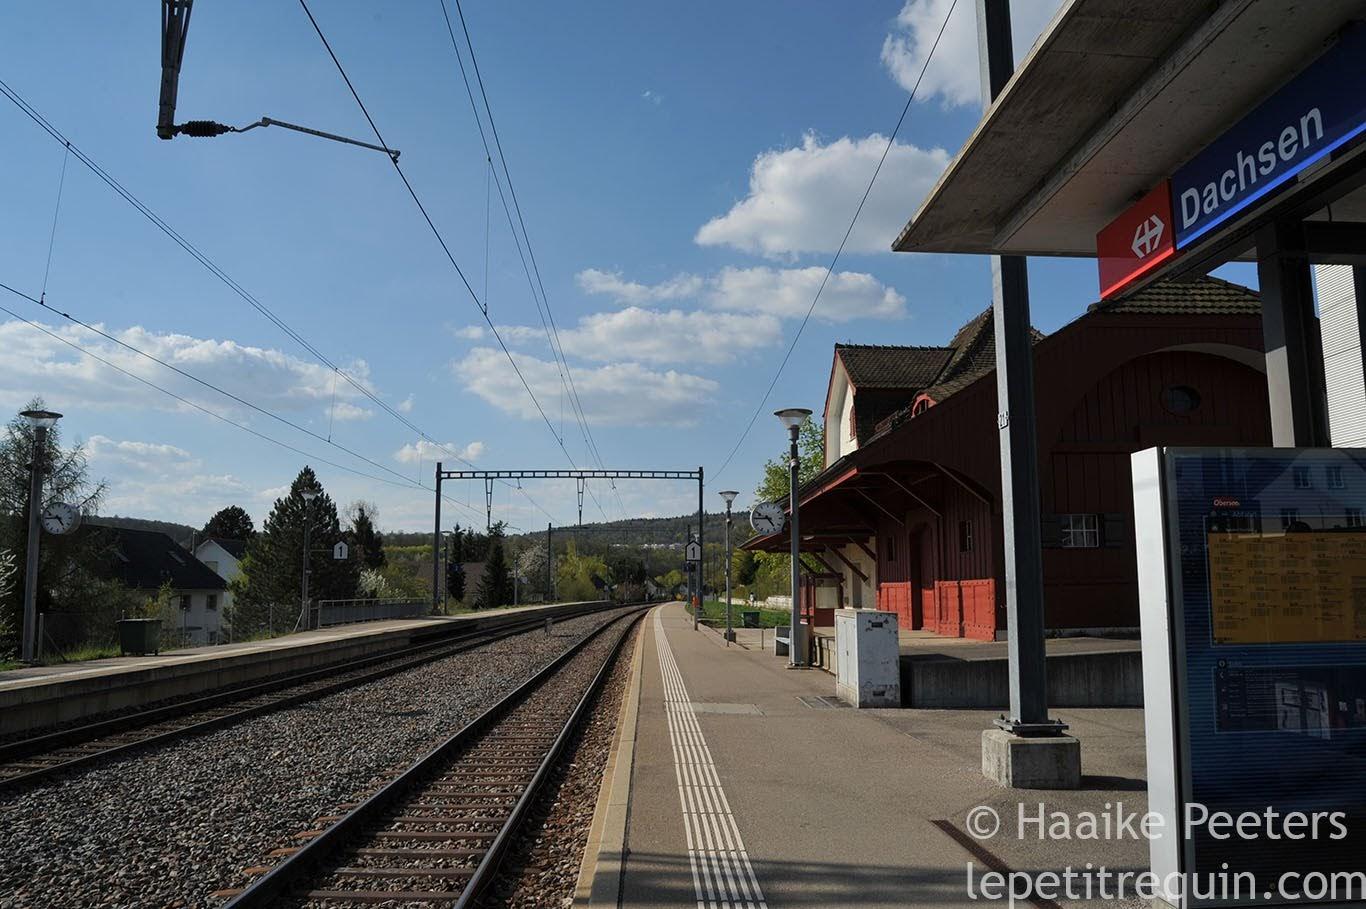 Bahnhof Dachsen (Le petit requin)